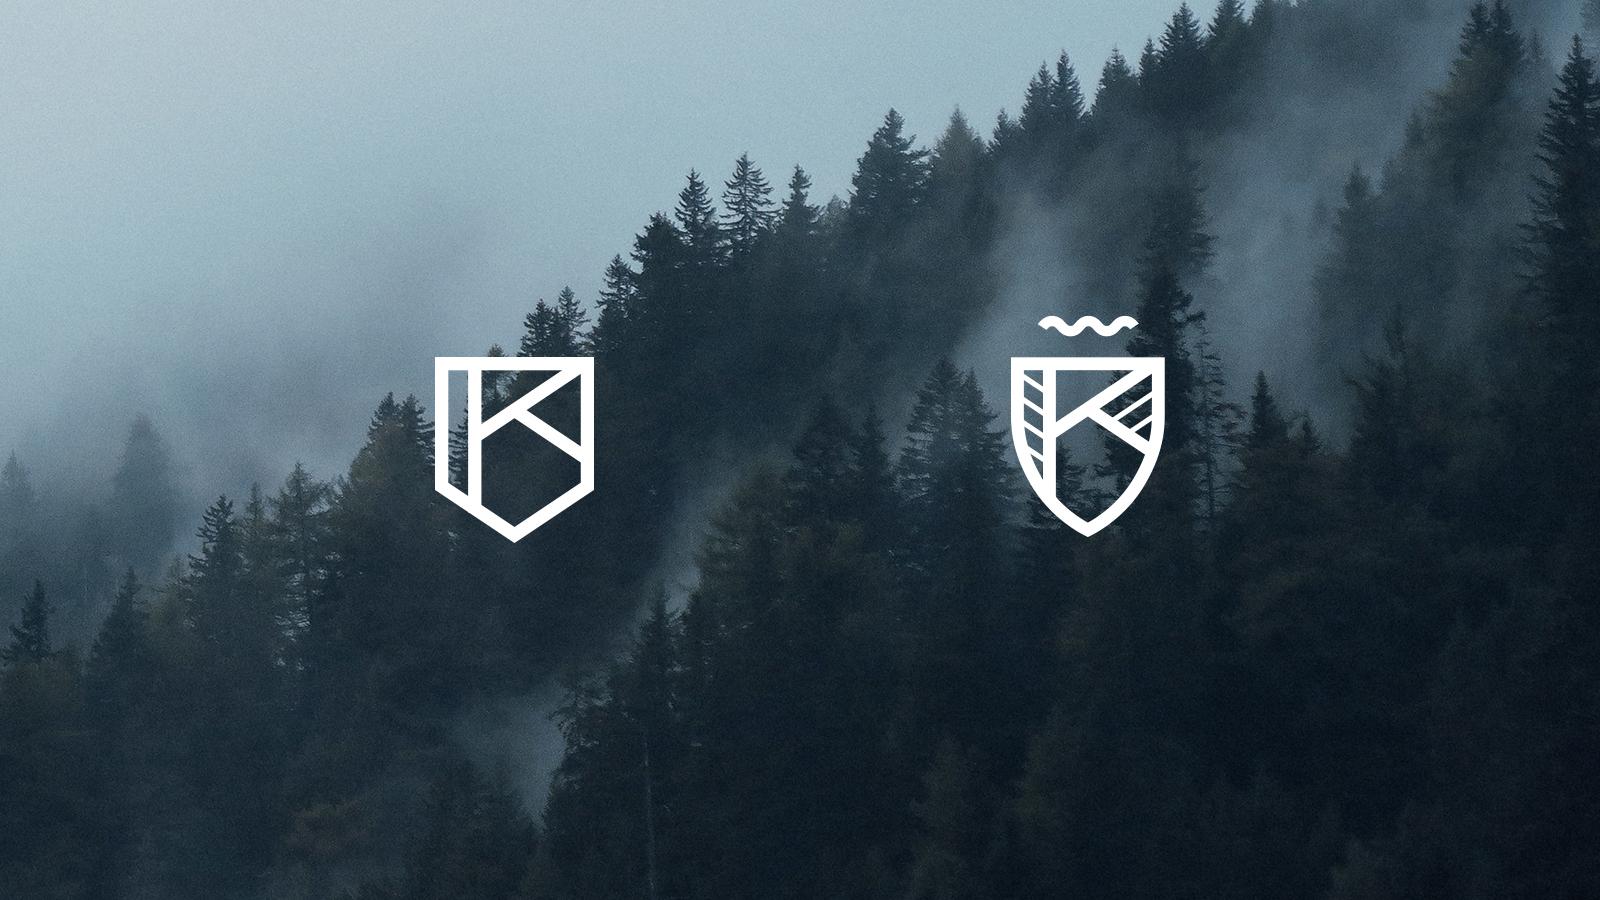 Denniskramer logos